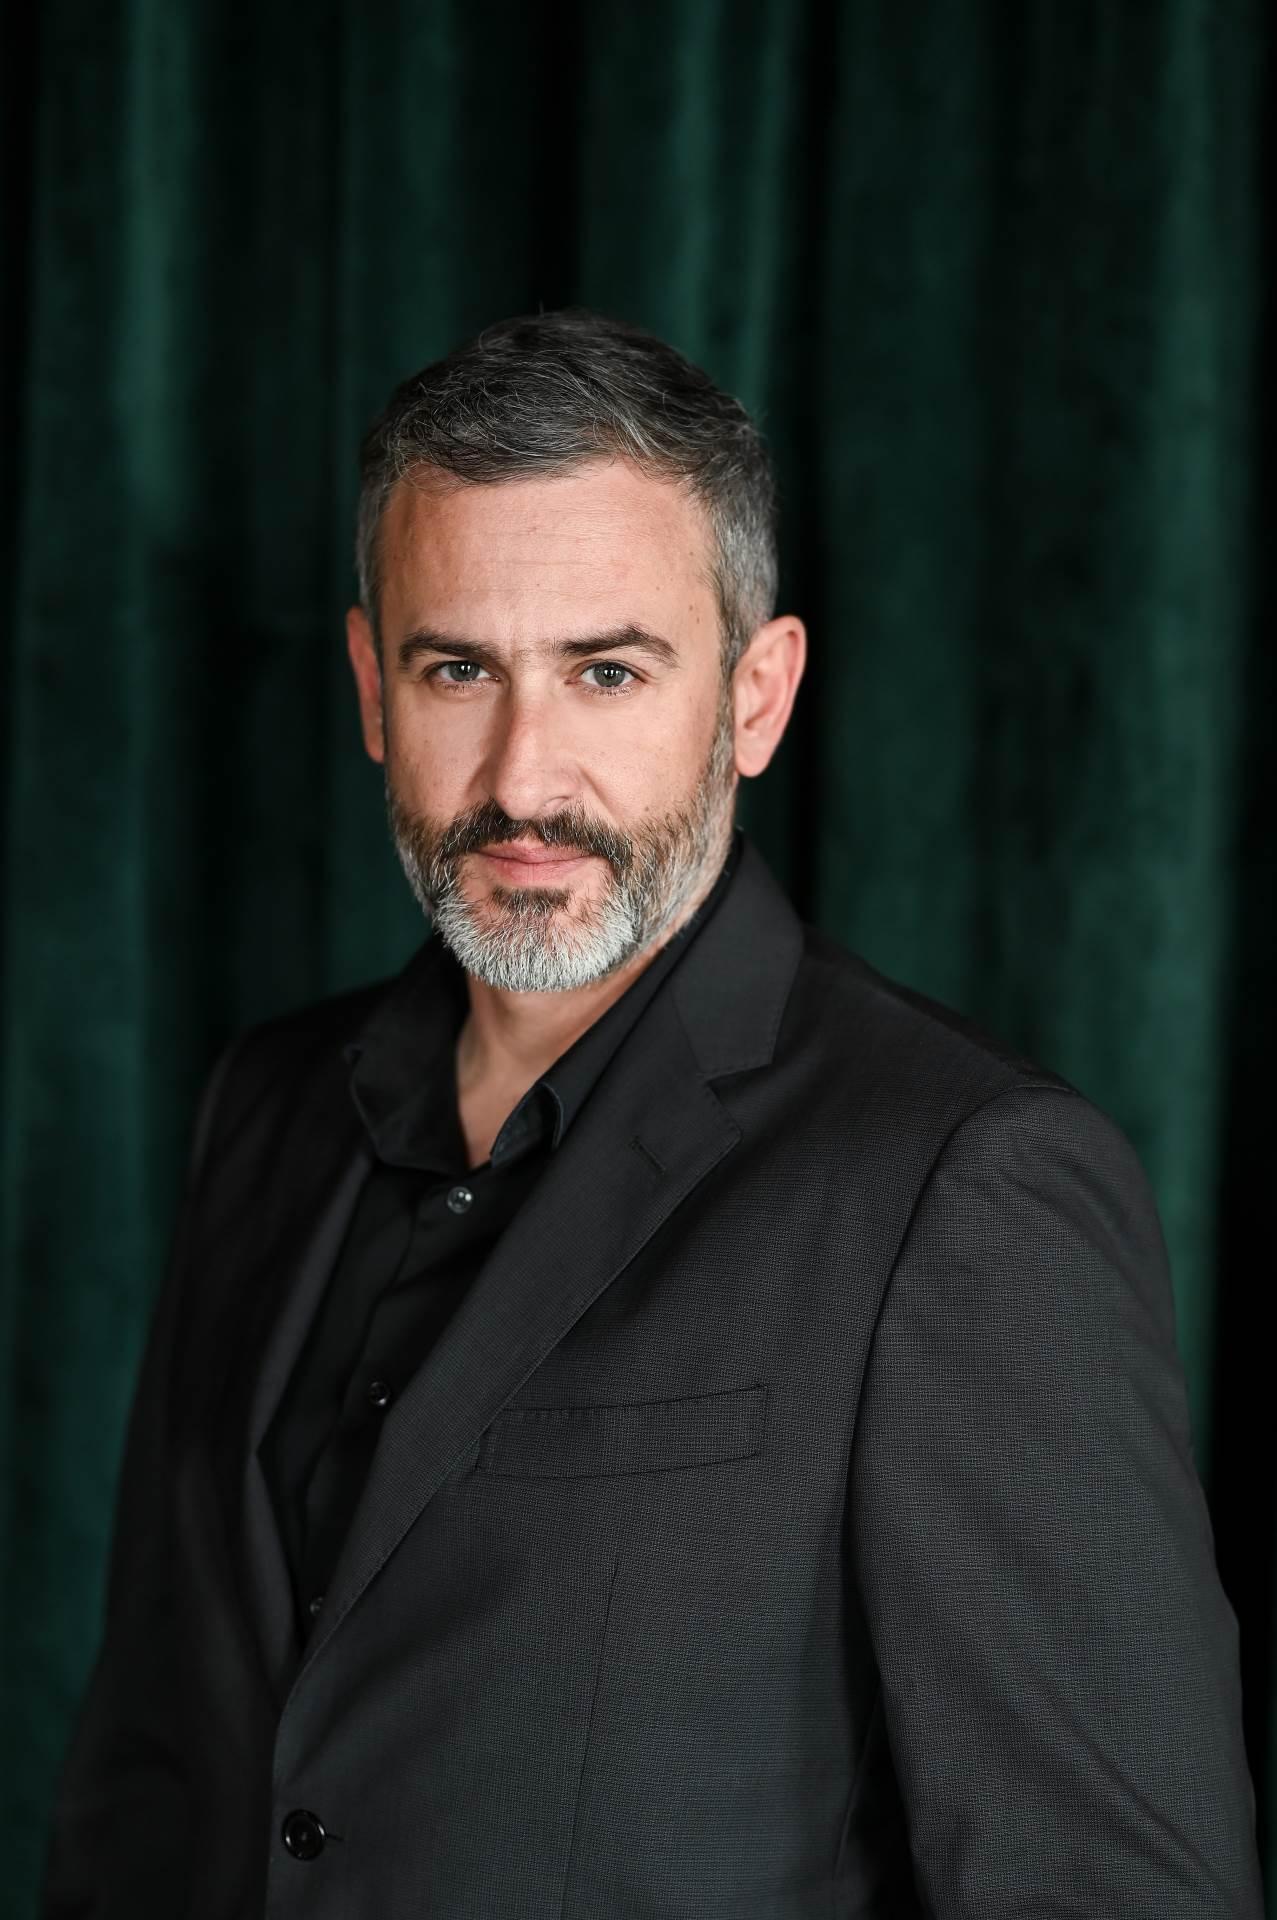 Giuliano Đanić